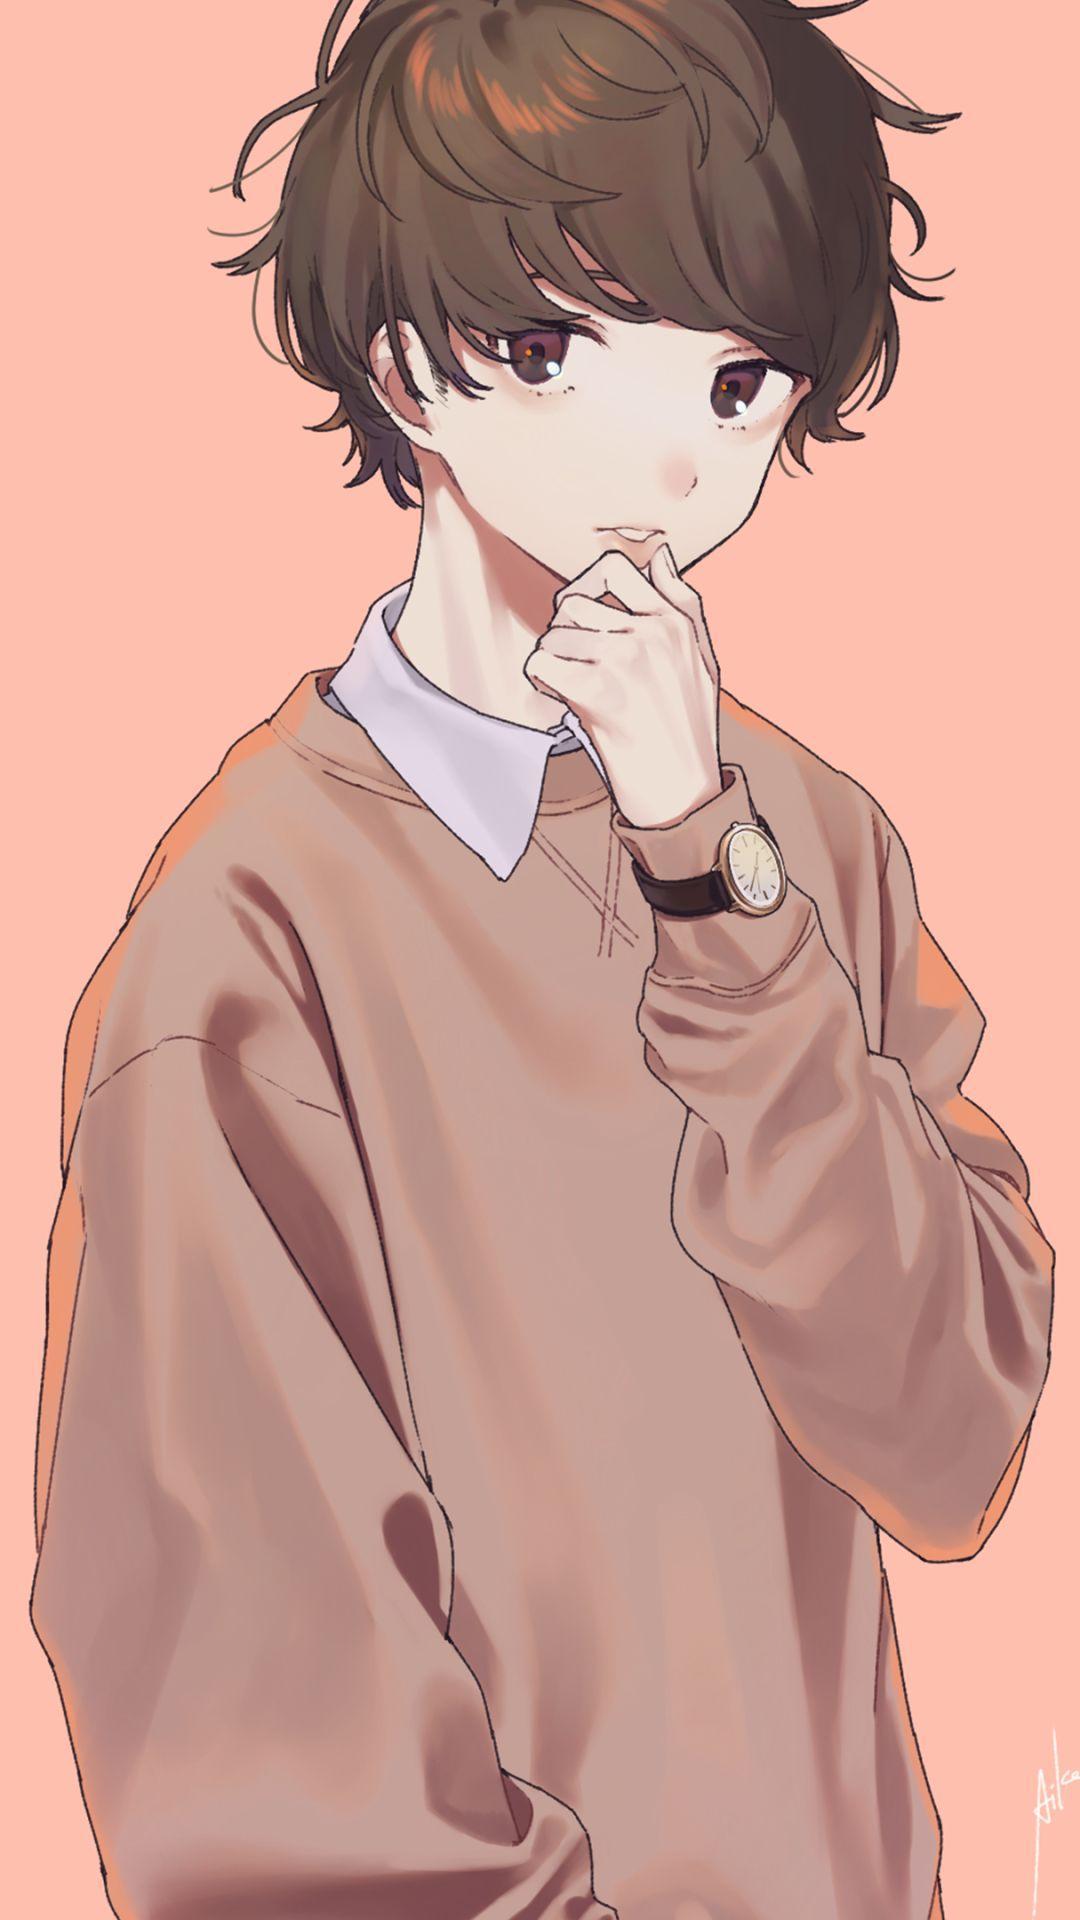 1080x1920 Hình nền tuyệt vời Anime Boy.  trang mywallpaper.  Ilustrasi karakter, Ilustrasi, Gambar manga